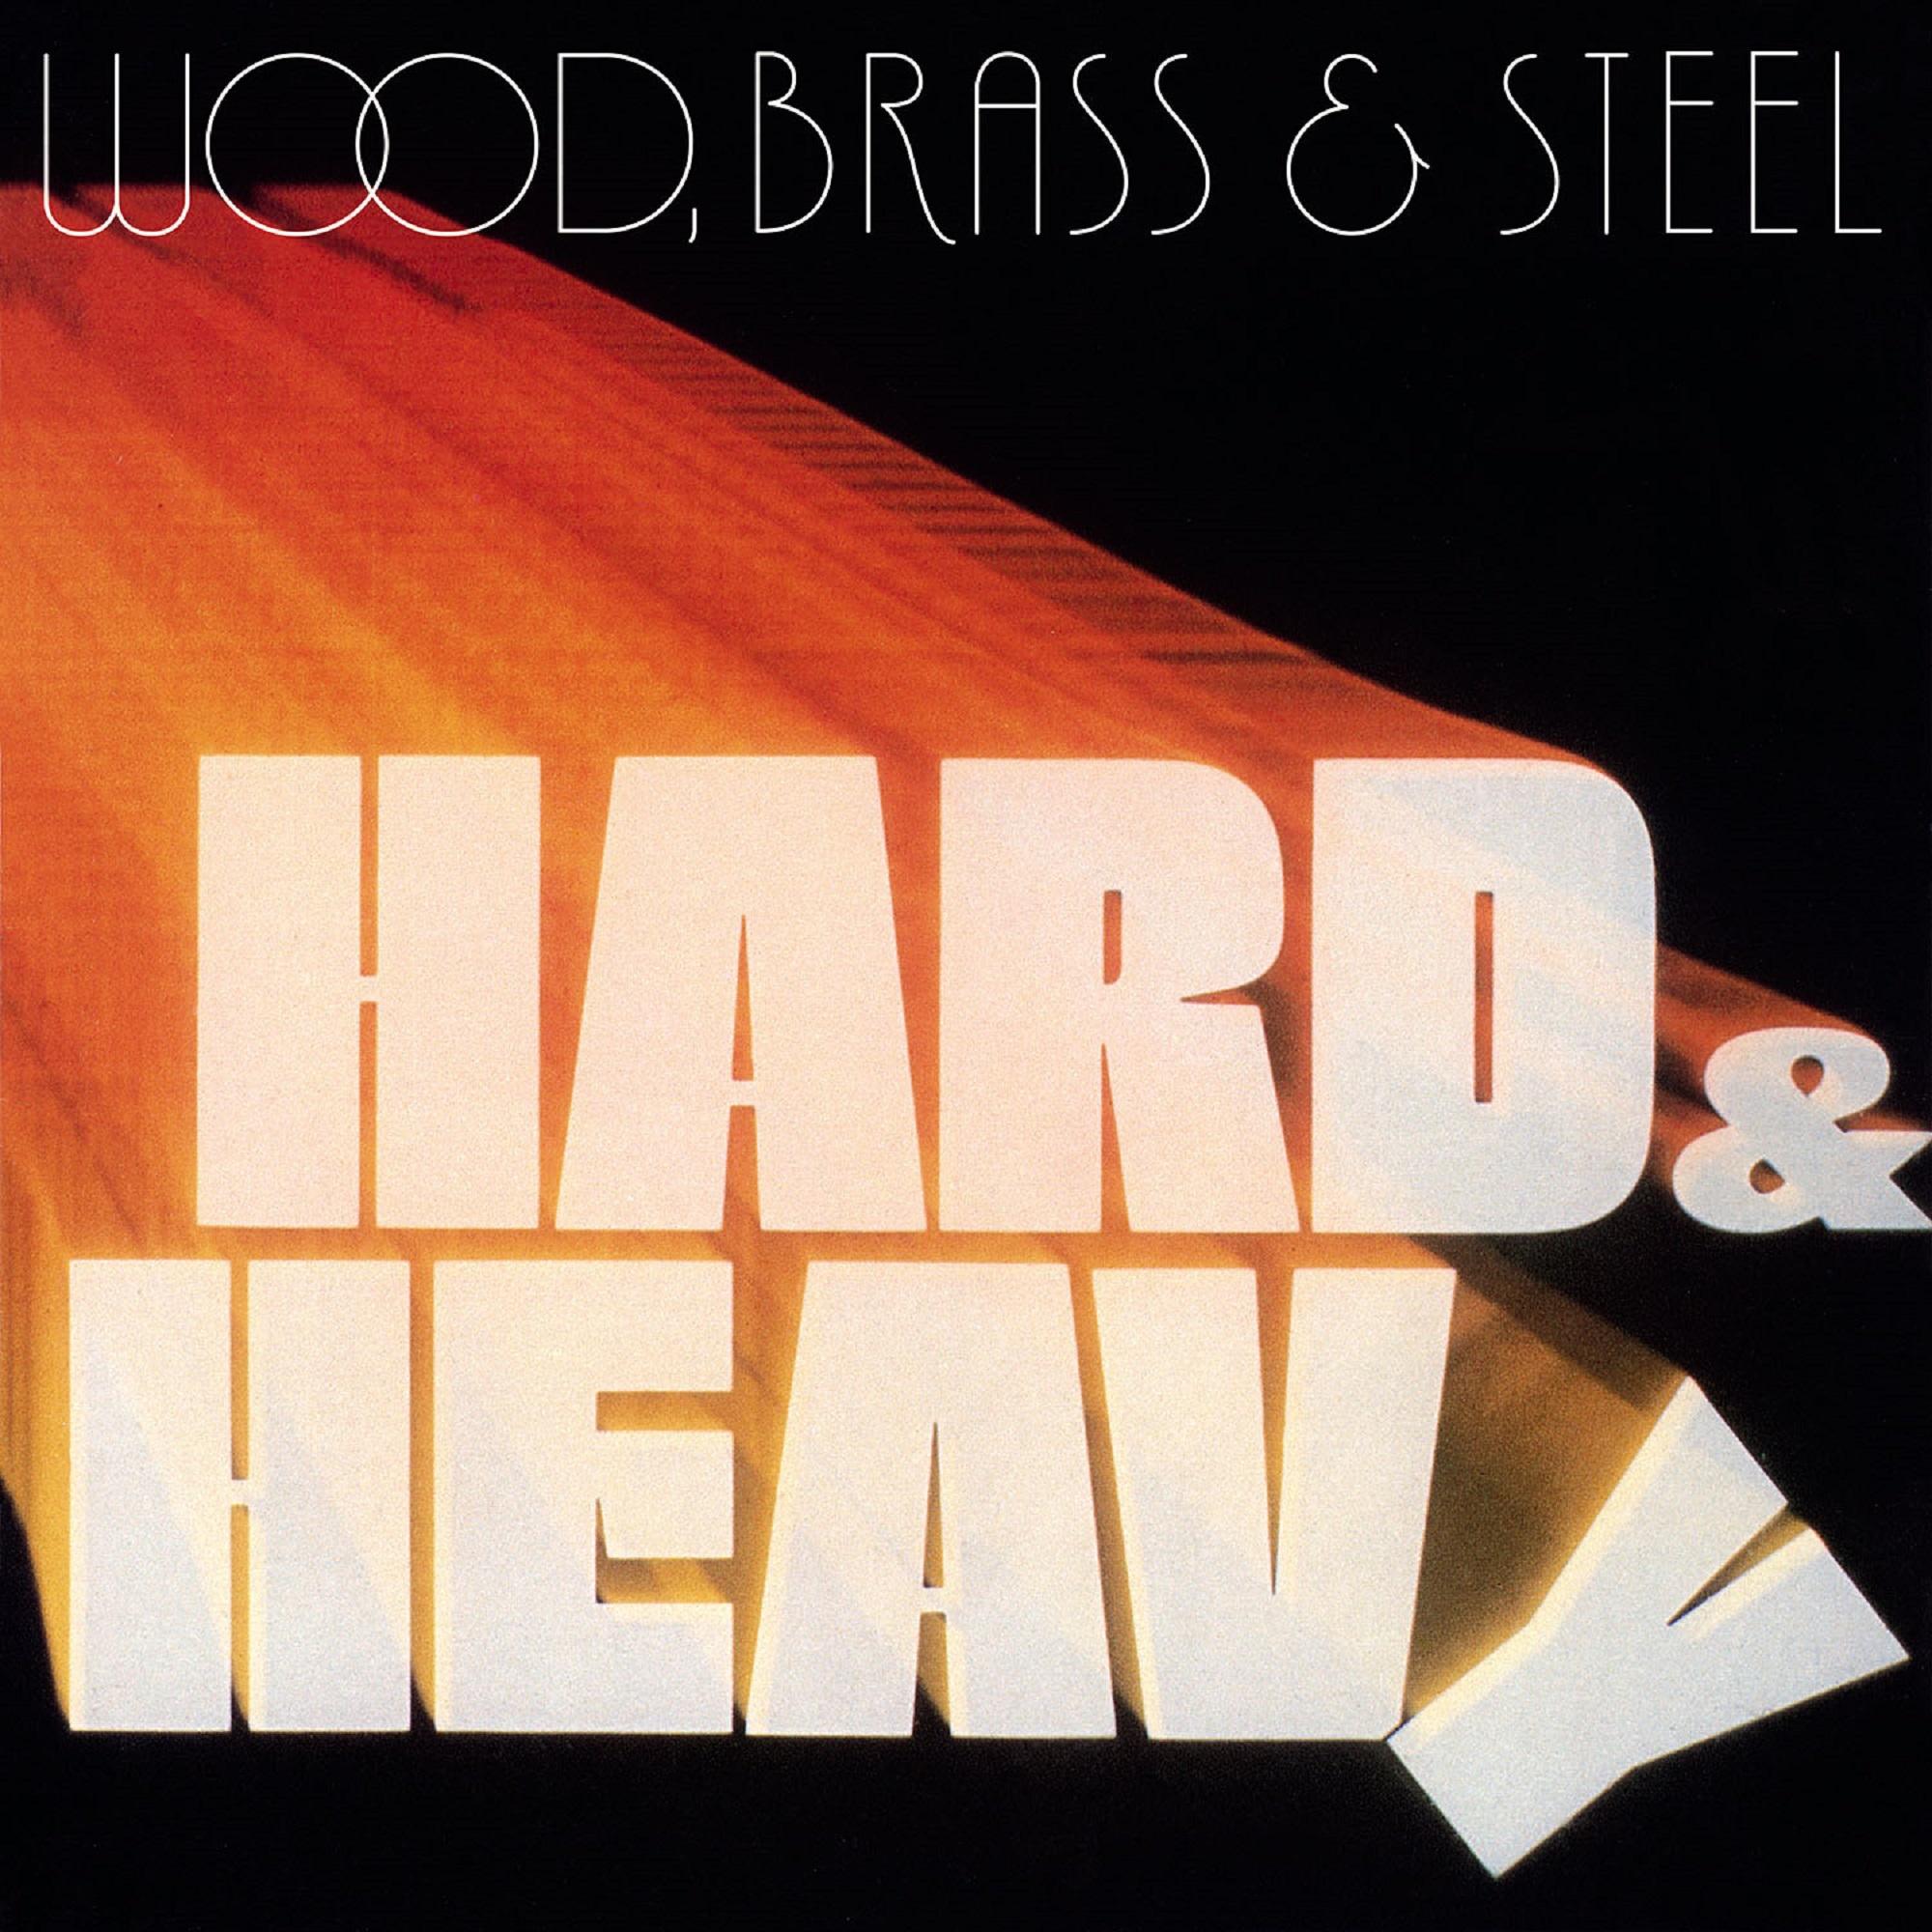 Wood, Brass & Steel/HARD & HEAVY LP